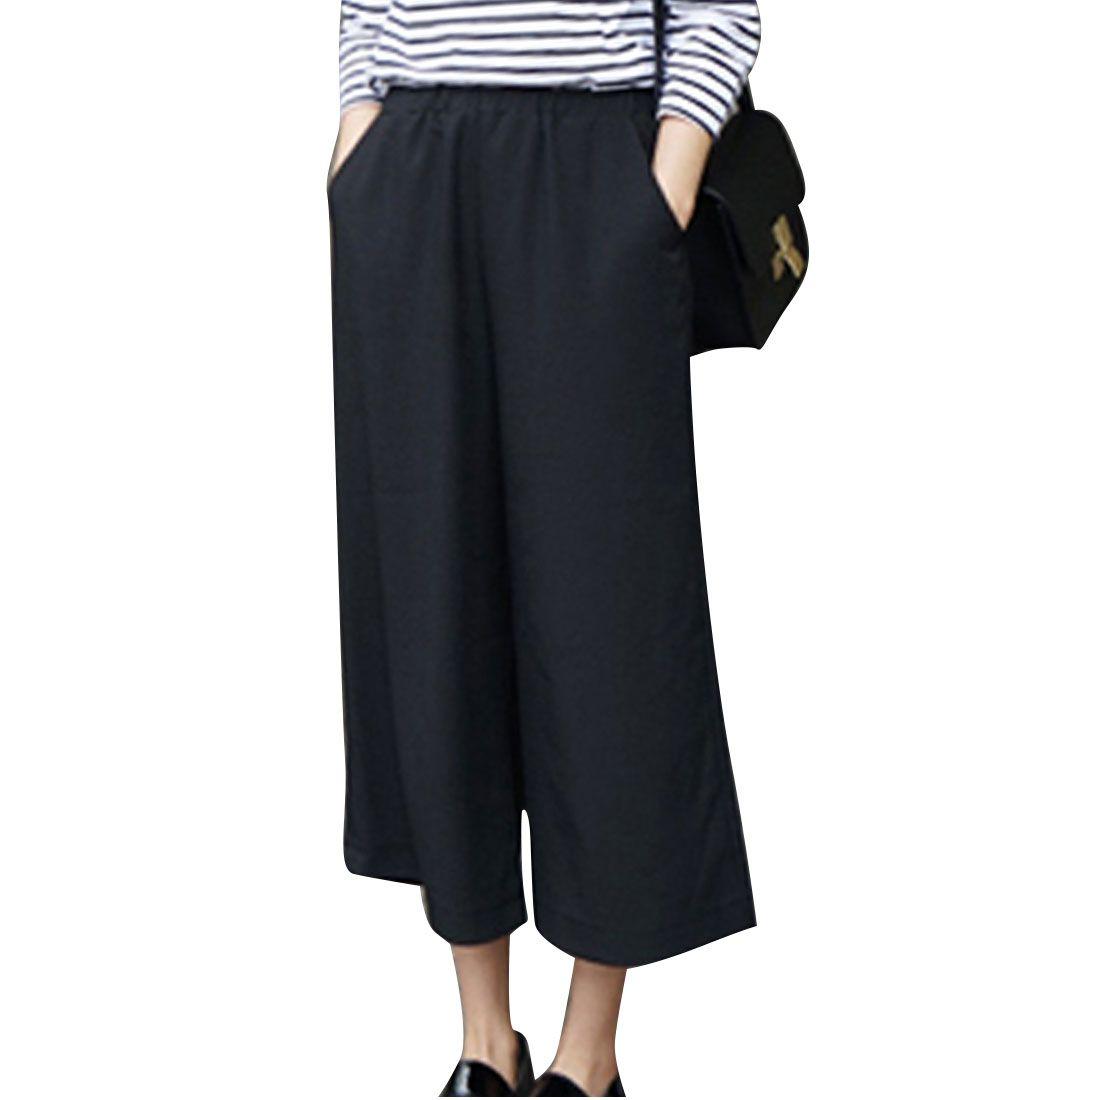 2017 Printemps Été Mode Taille Haute Mousseline de soie Jambe Large Pantalon femelle Plus La Taille Lâche Casual Neuf Mètres Pantalon Pantalon Pour femmes